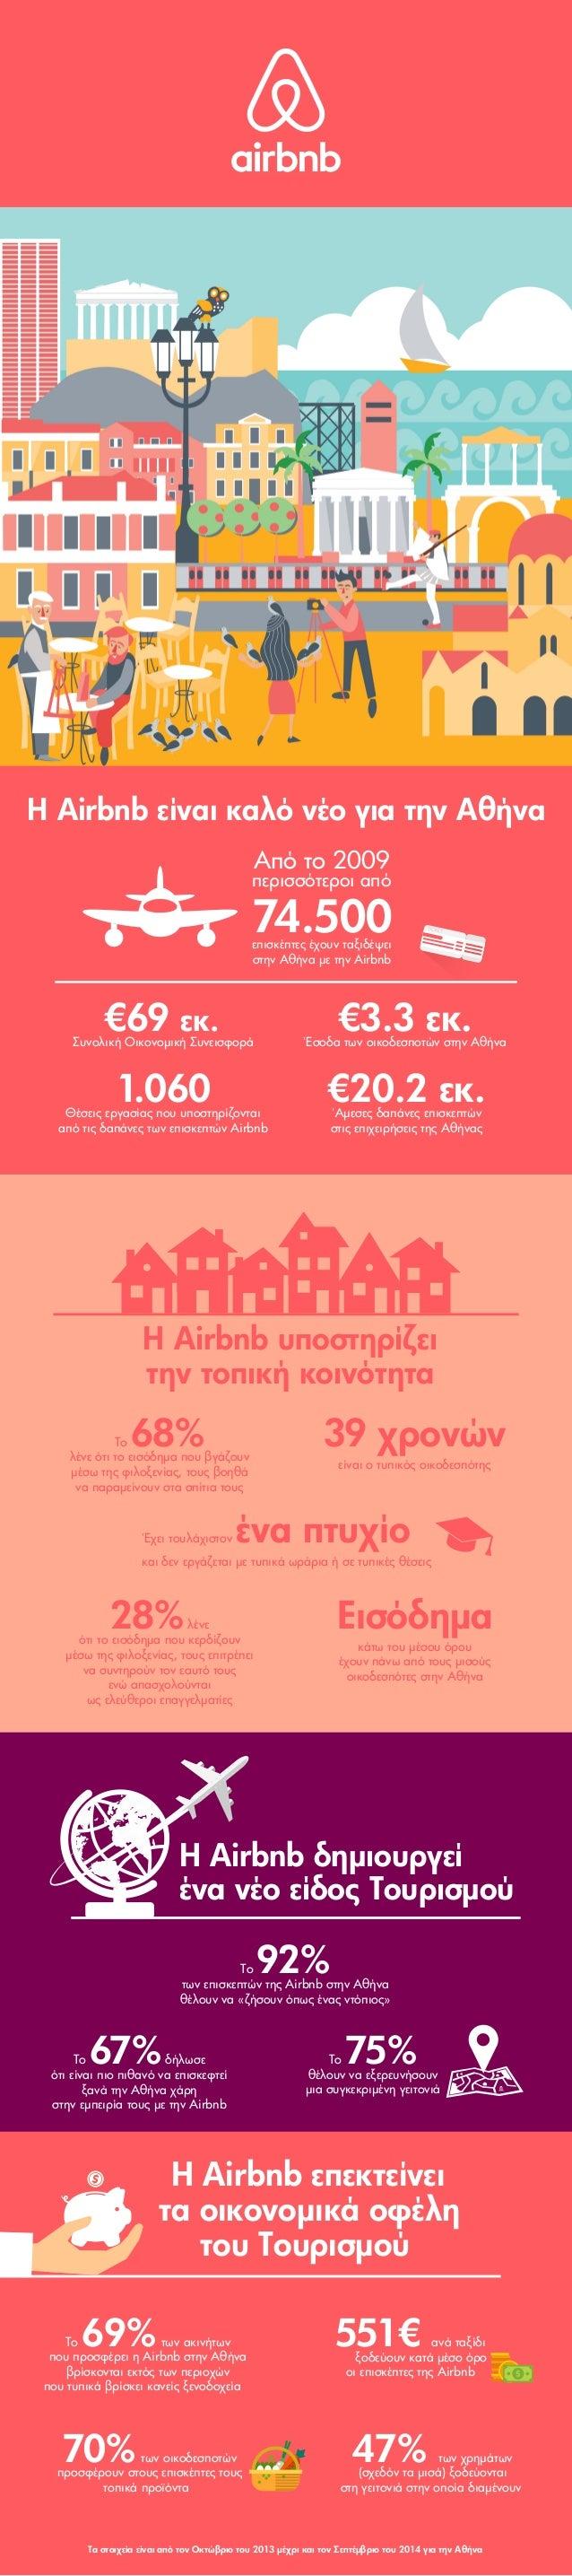 Η Airbnb είναι καλό νέο για την Αθήνα 74.500 €69 εκ.Συνολική Οικονομική Συνεισφορά €3.3 εκ.Έσοδα των οικοδεσποτών στην Αθή...